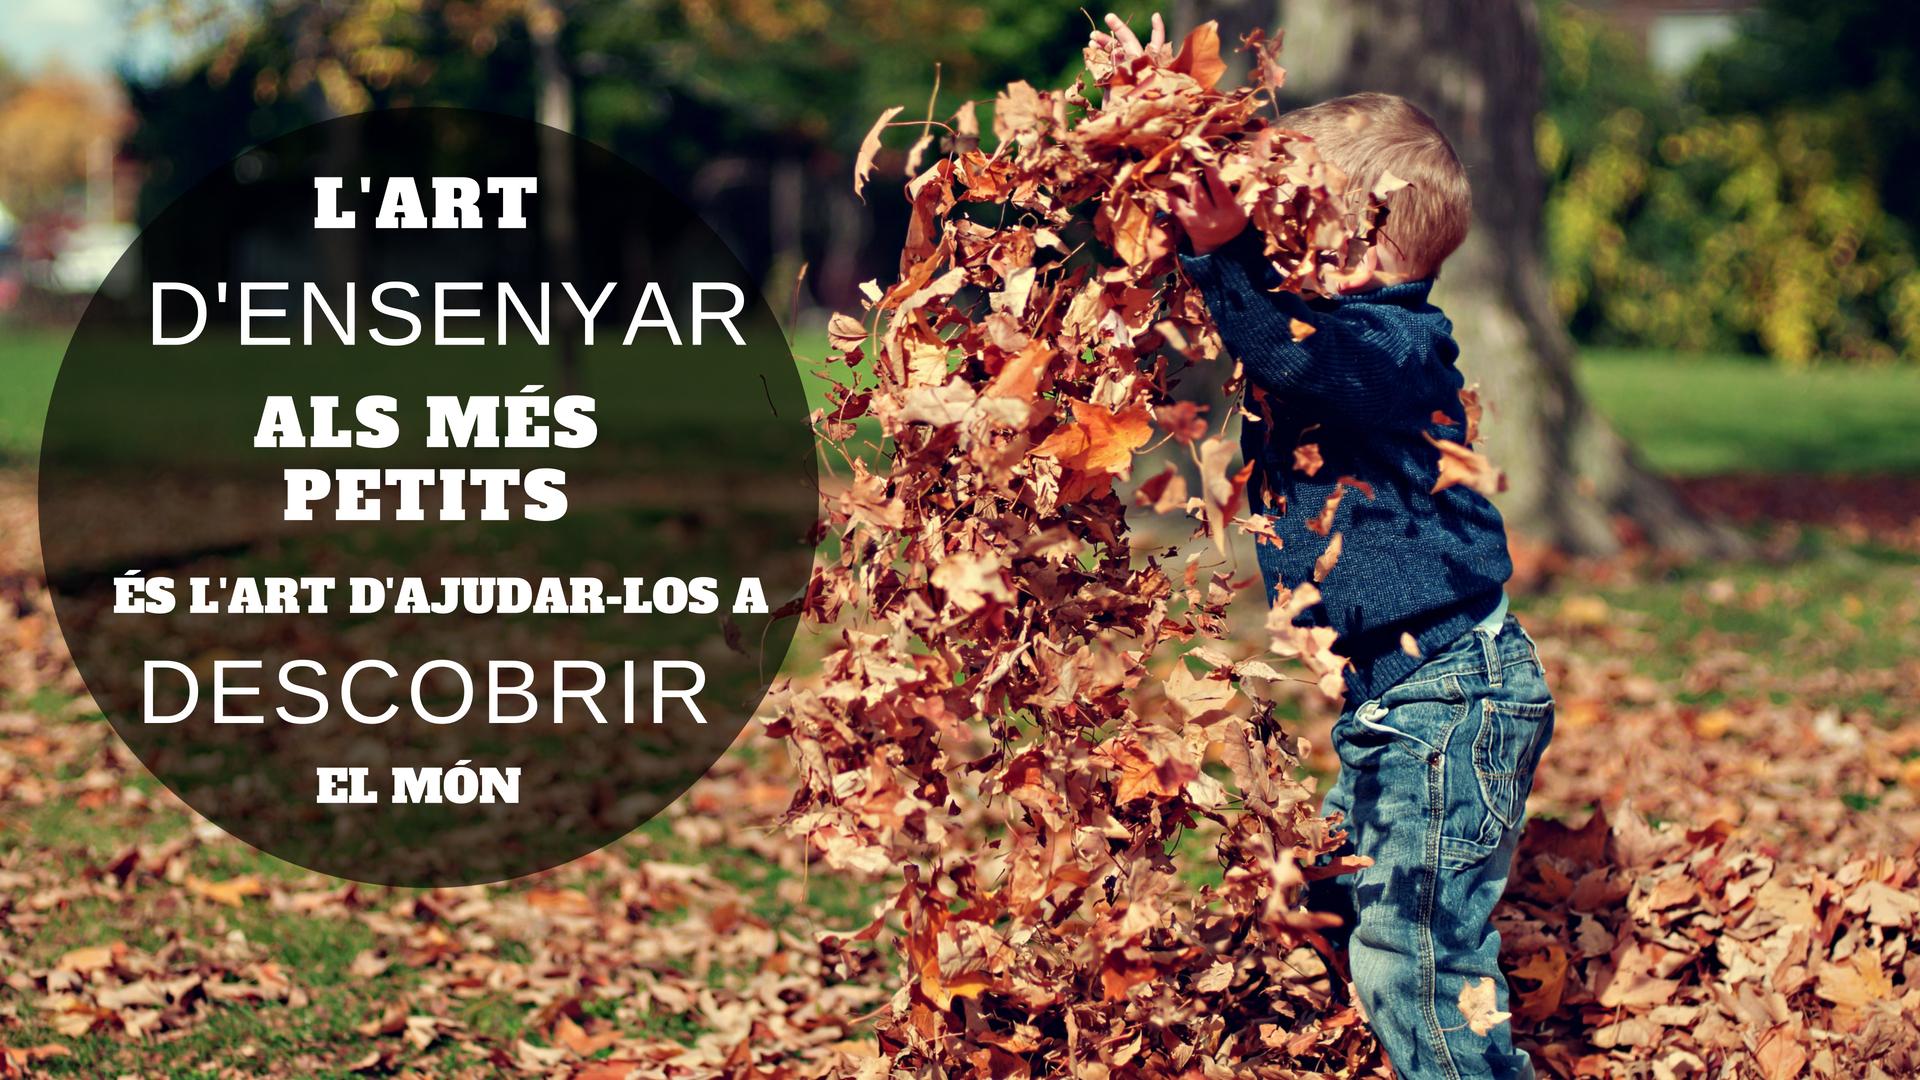 L'art_d'ensenyar_als_més_petits_és_l'art